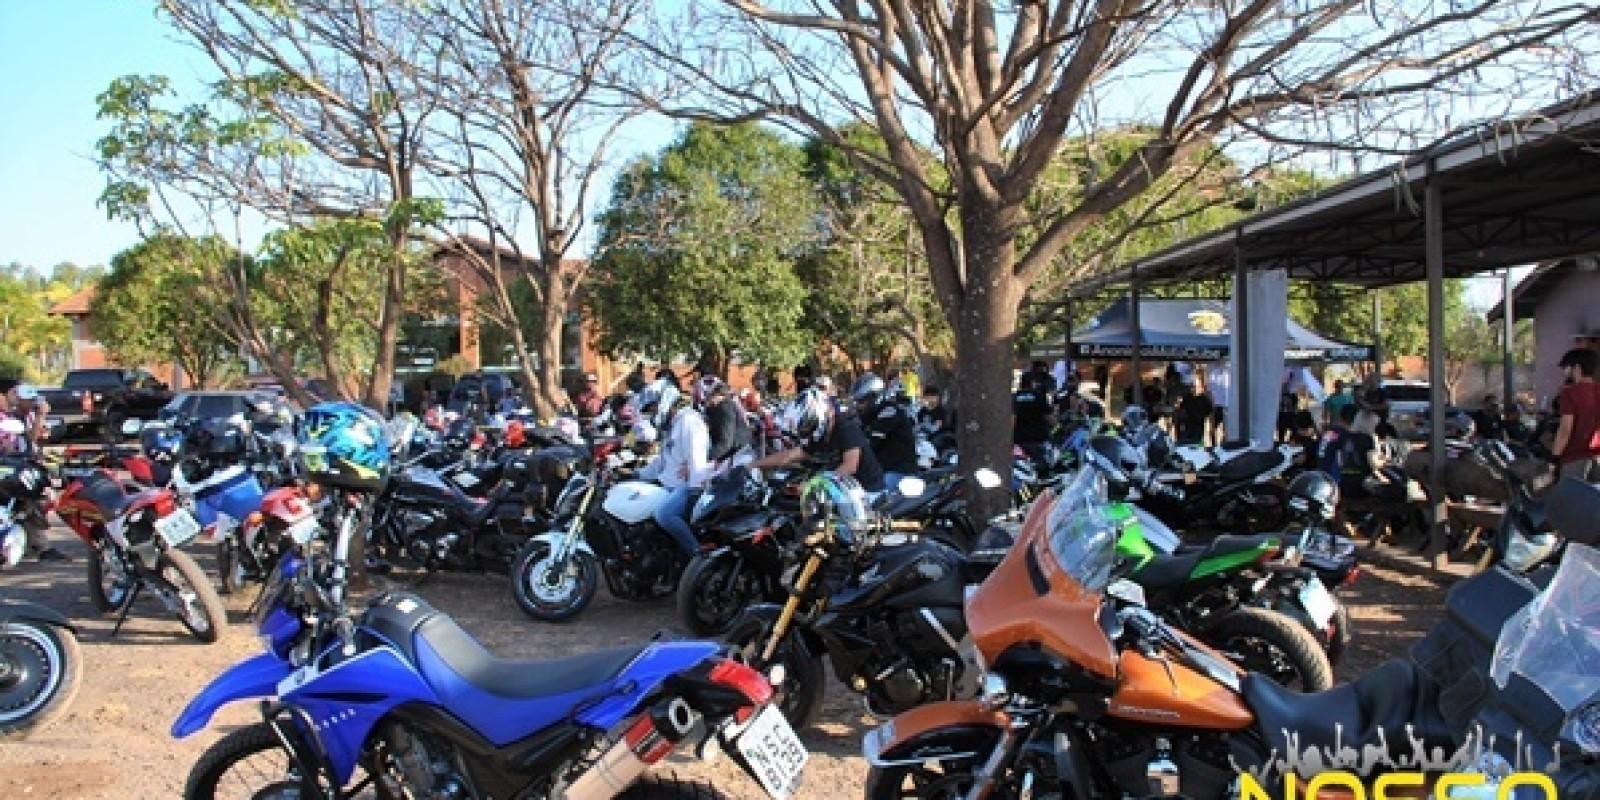 Confira todas as fotos do encontro de motos